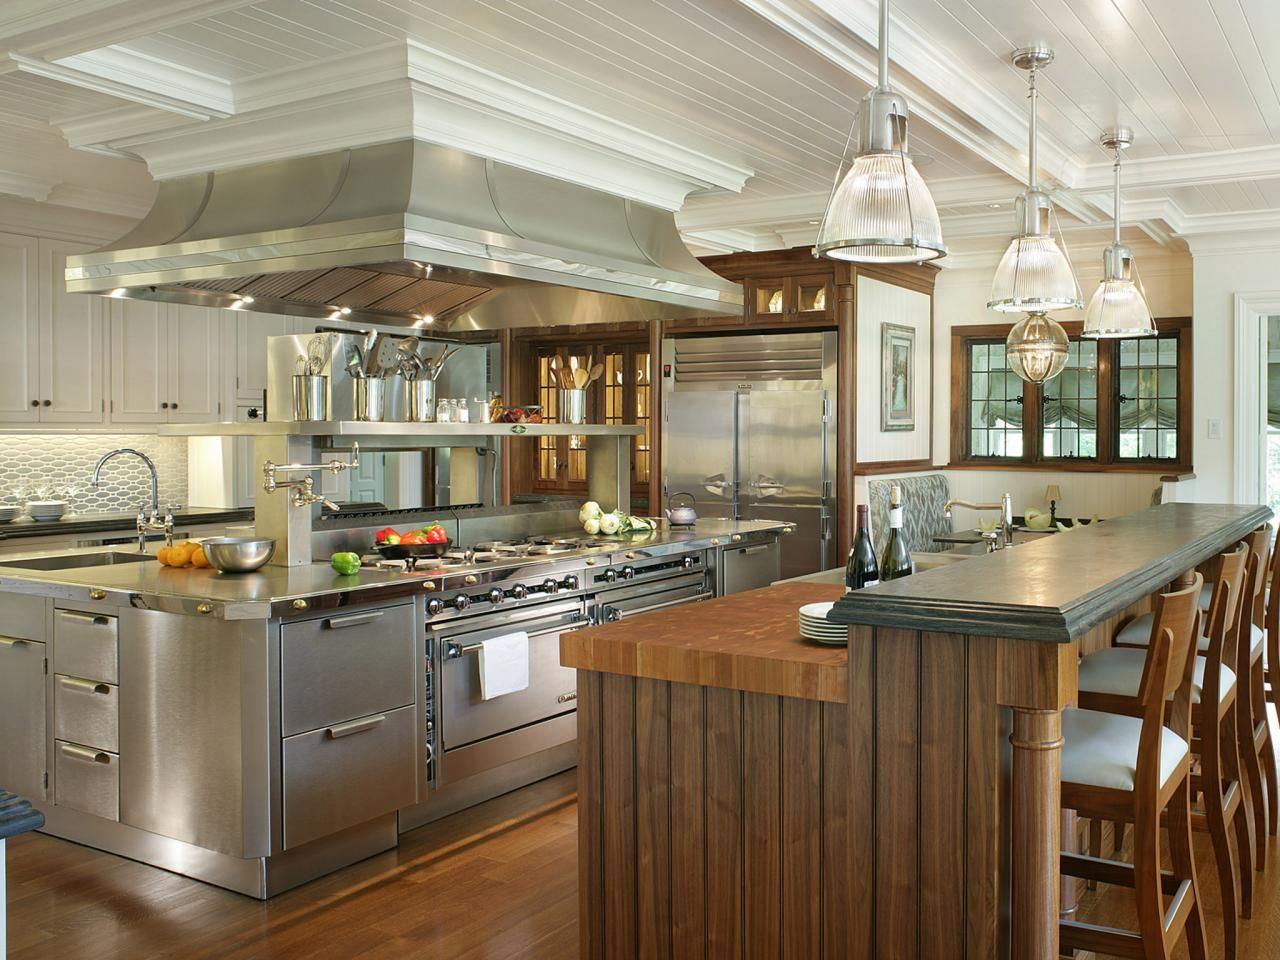 Kitchen Design Idea Enchanting Mediterranean Kitchen Design Pictures & Ideas From  White 2018